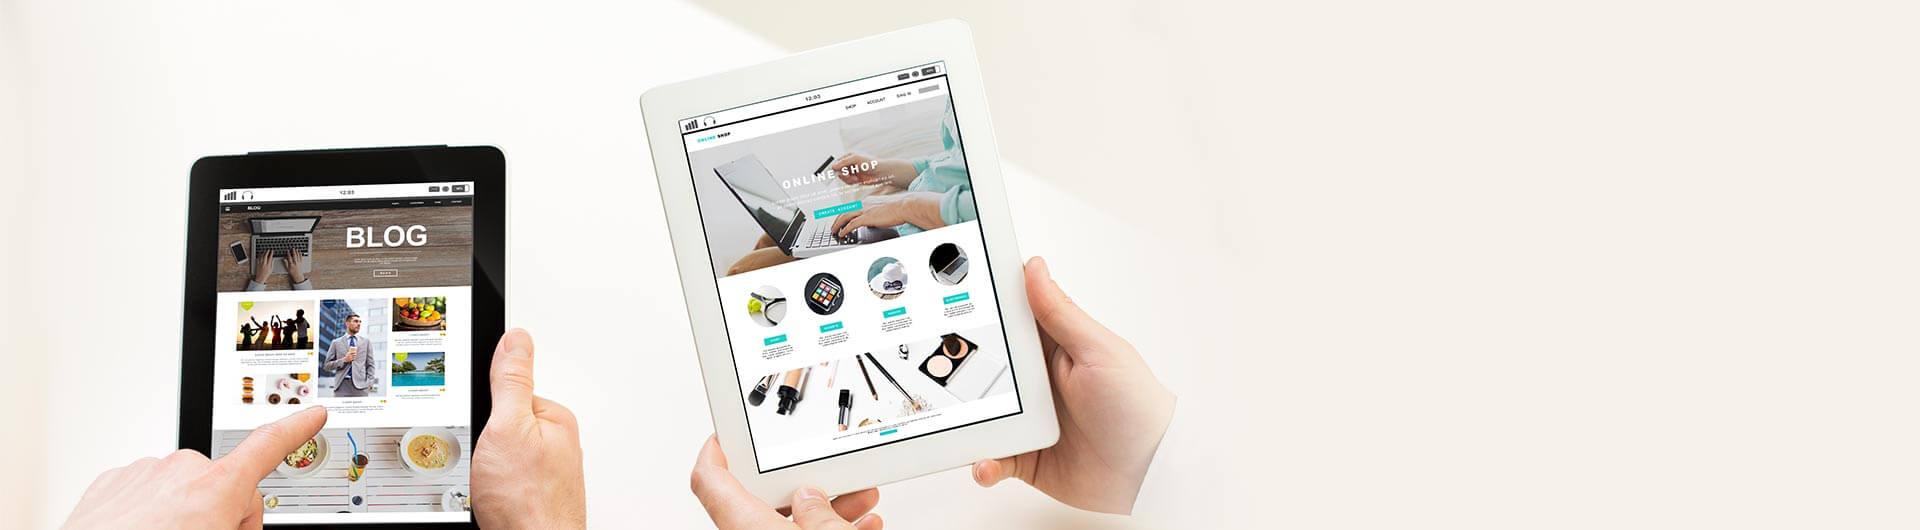 איך ליצור בלוג באתר מסחרי אשר ימשוך לקוחות חדשים?